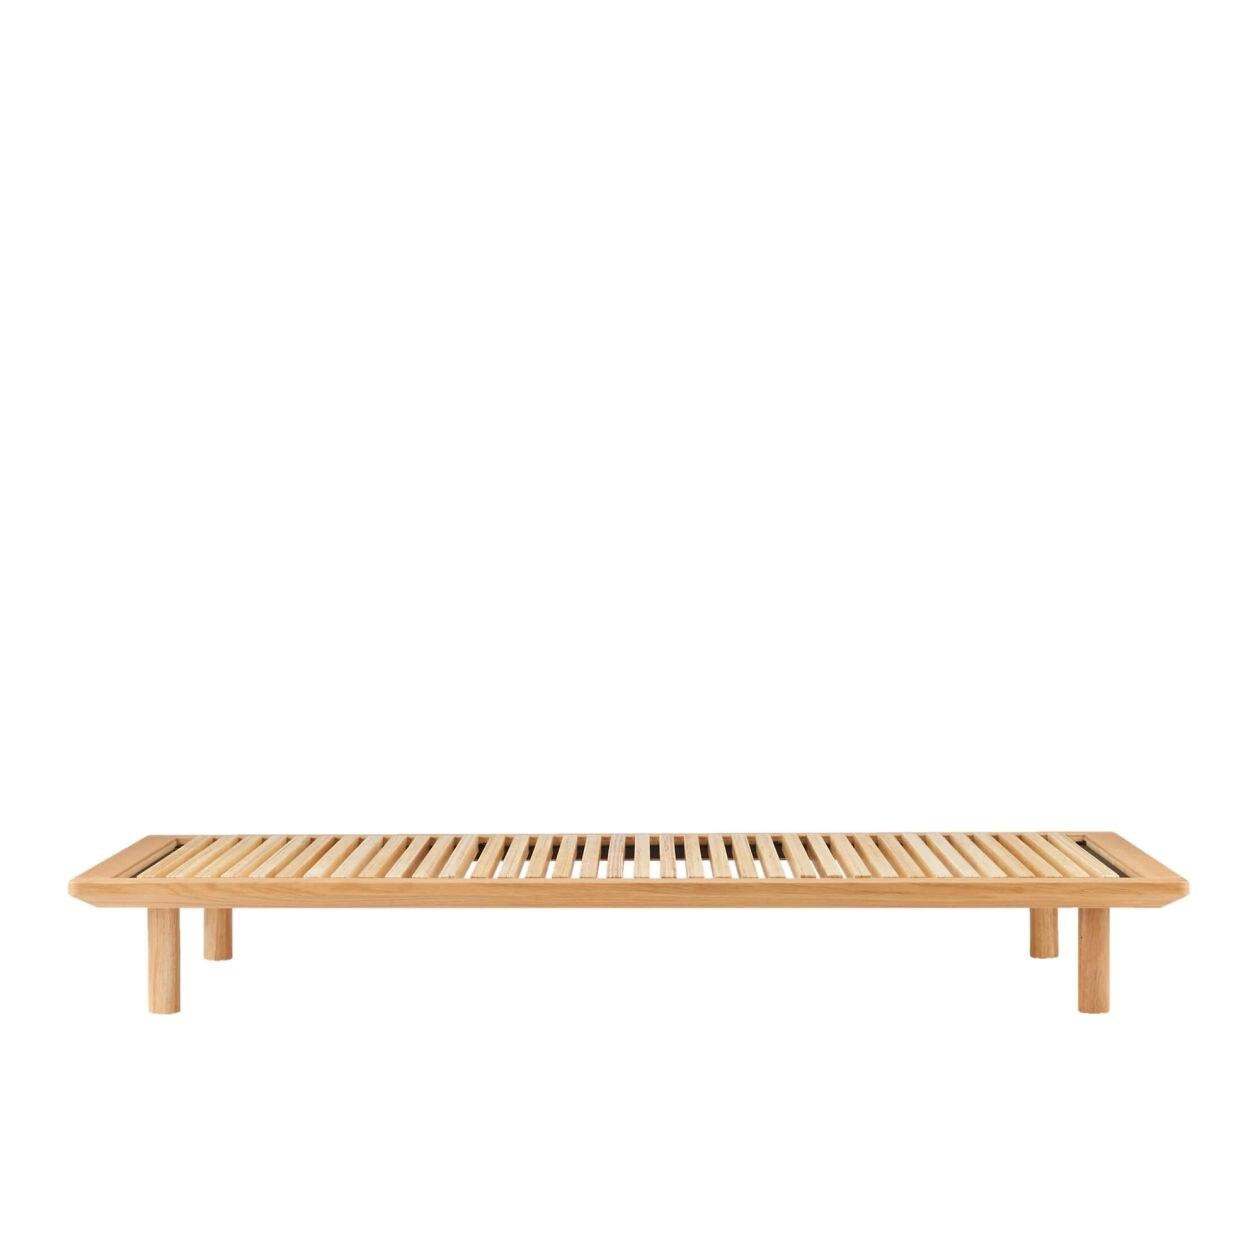 [무인양품] MUJI 침대프레임 싱글 오크 스노코사양 폭103x깊이202×높이5.5cm 일본 공식스토어 상품